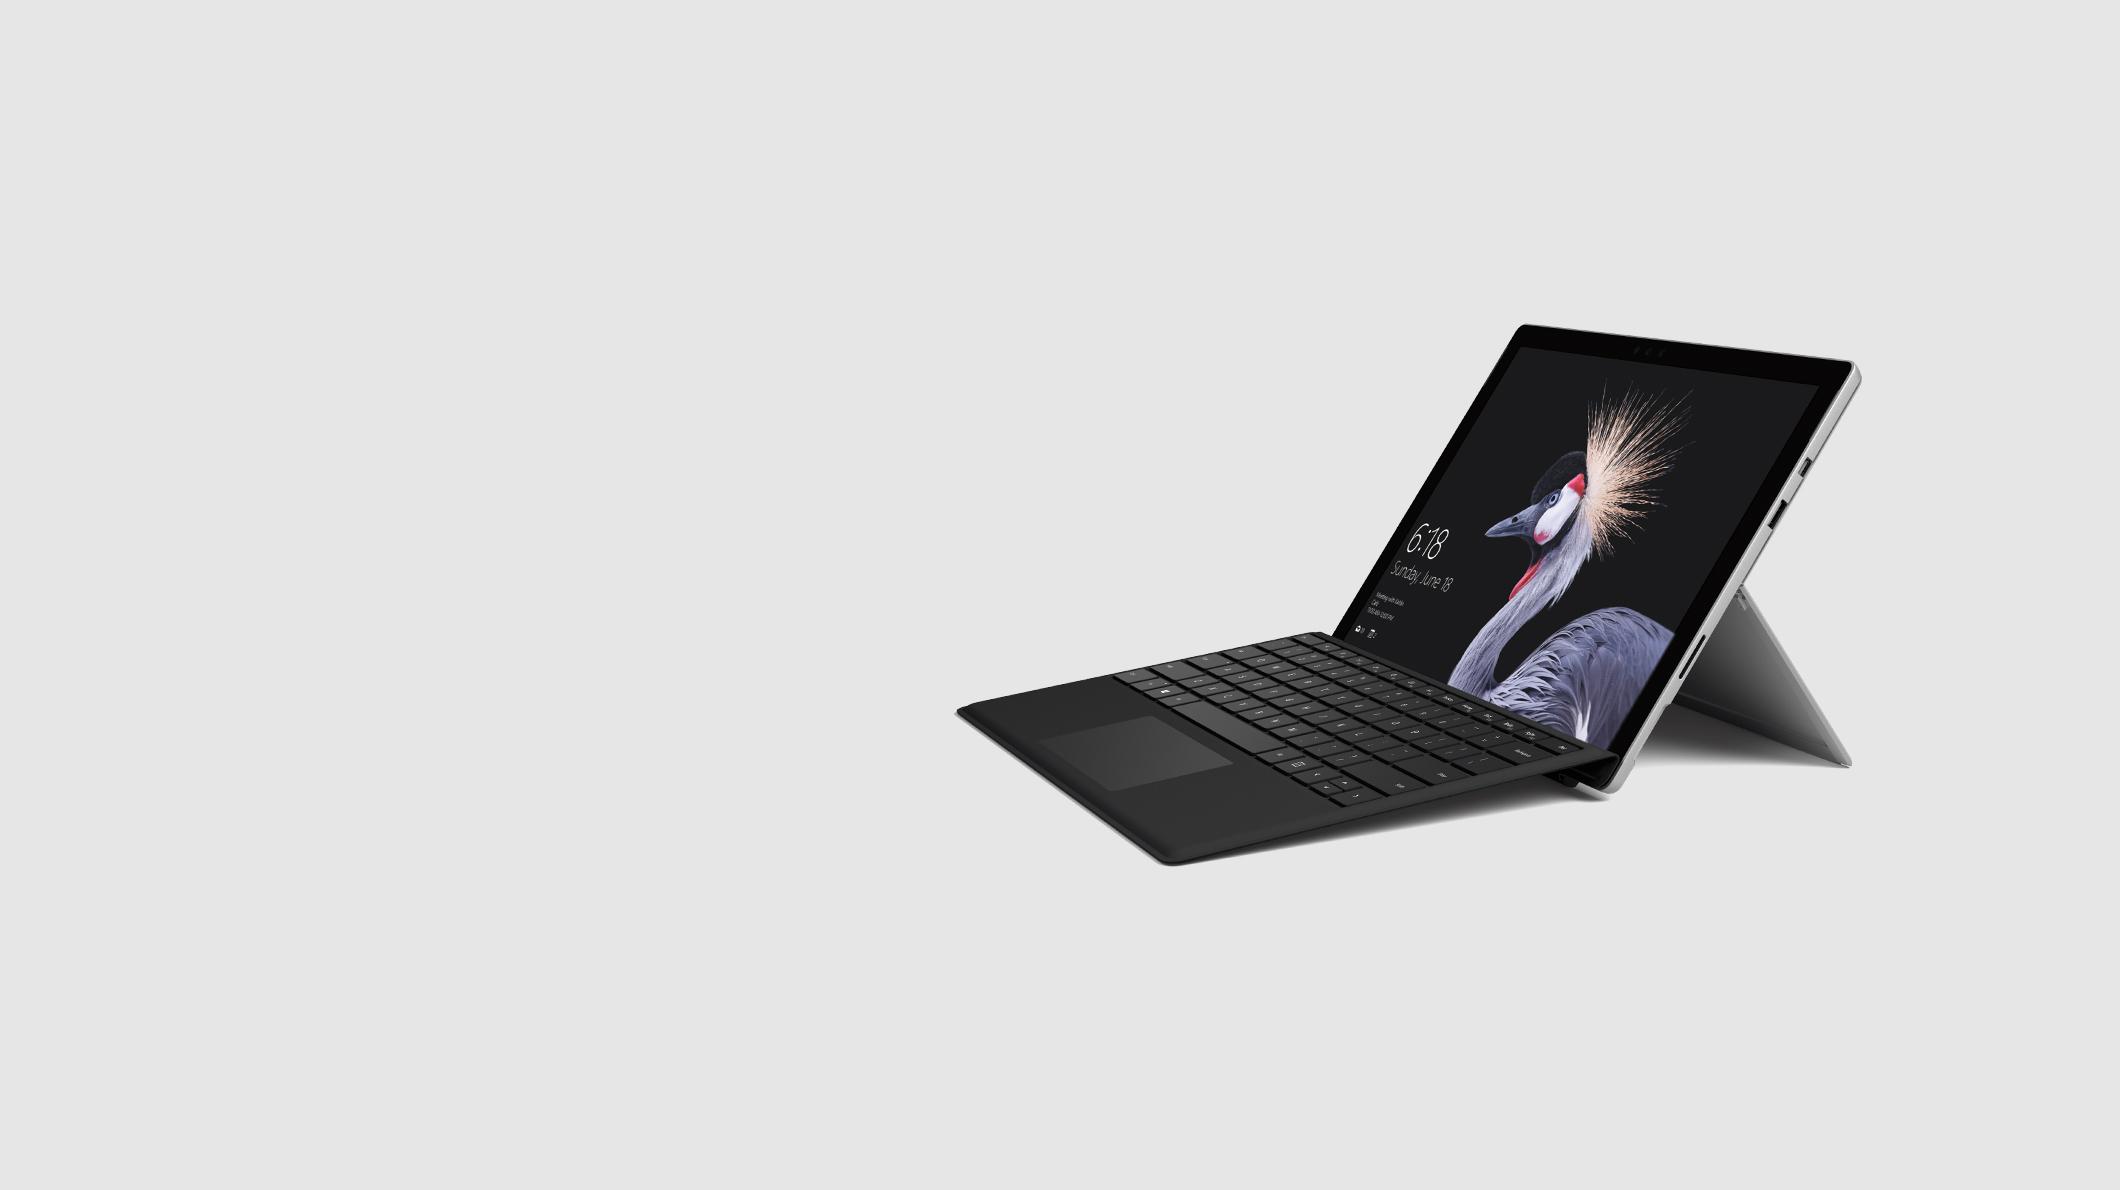 Microsoft Surface Pro et clavier Type Cover noir